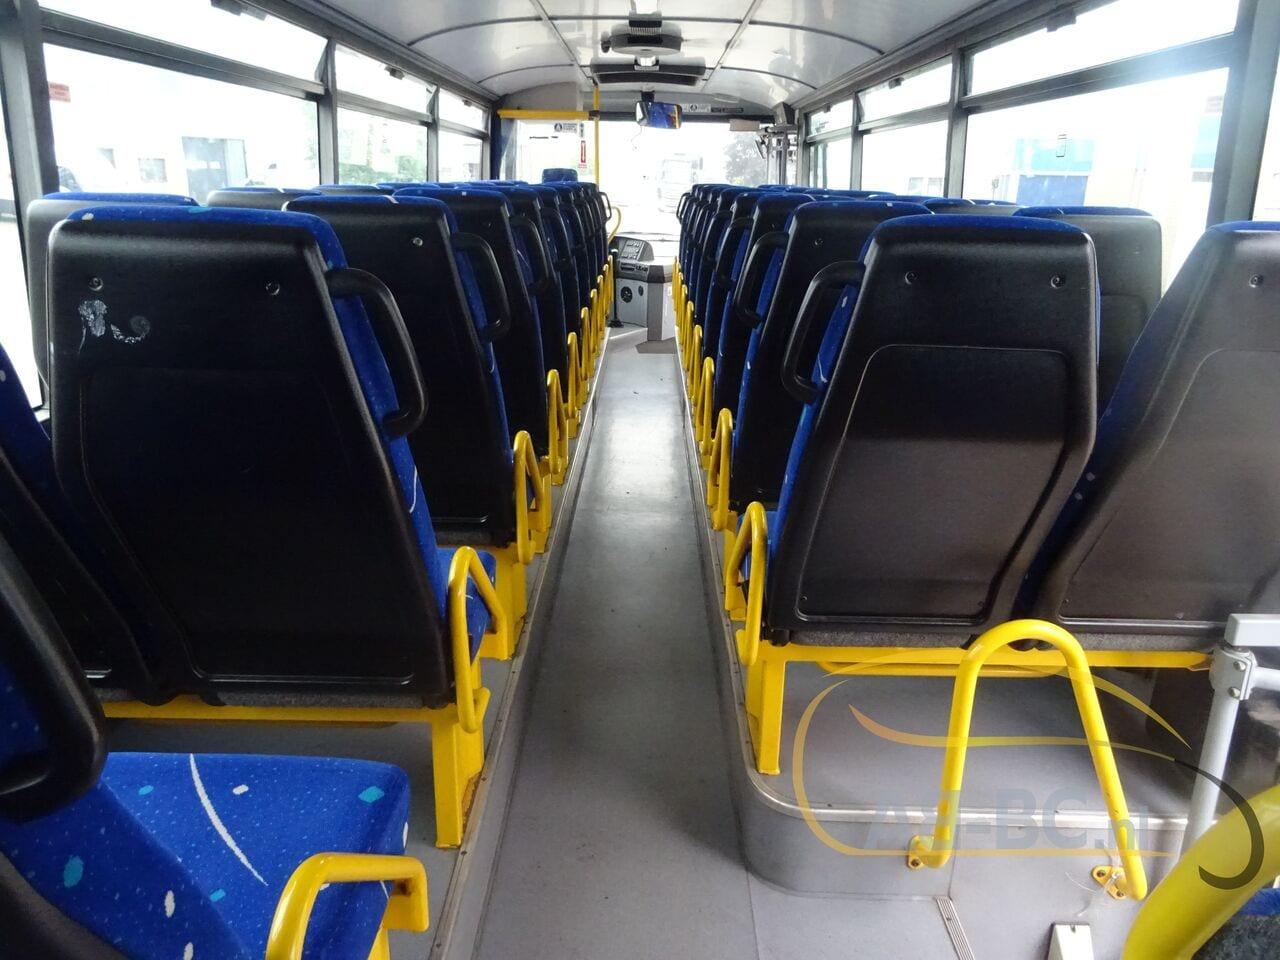 interurban-busIVECO-Irisbus-Recreo-64-Seats---1626160196062149213_big_58d85591a5986a6cf7bd1028802ea856--21071309575983154500